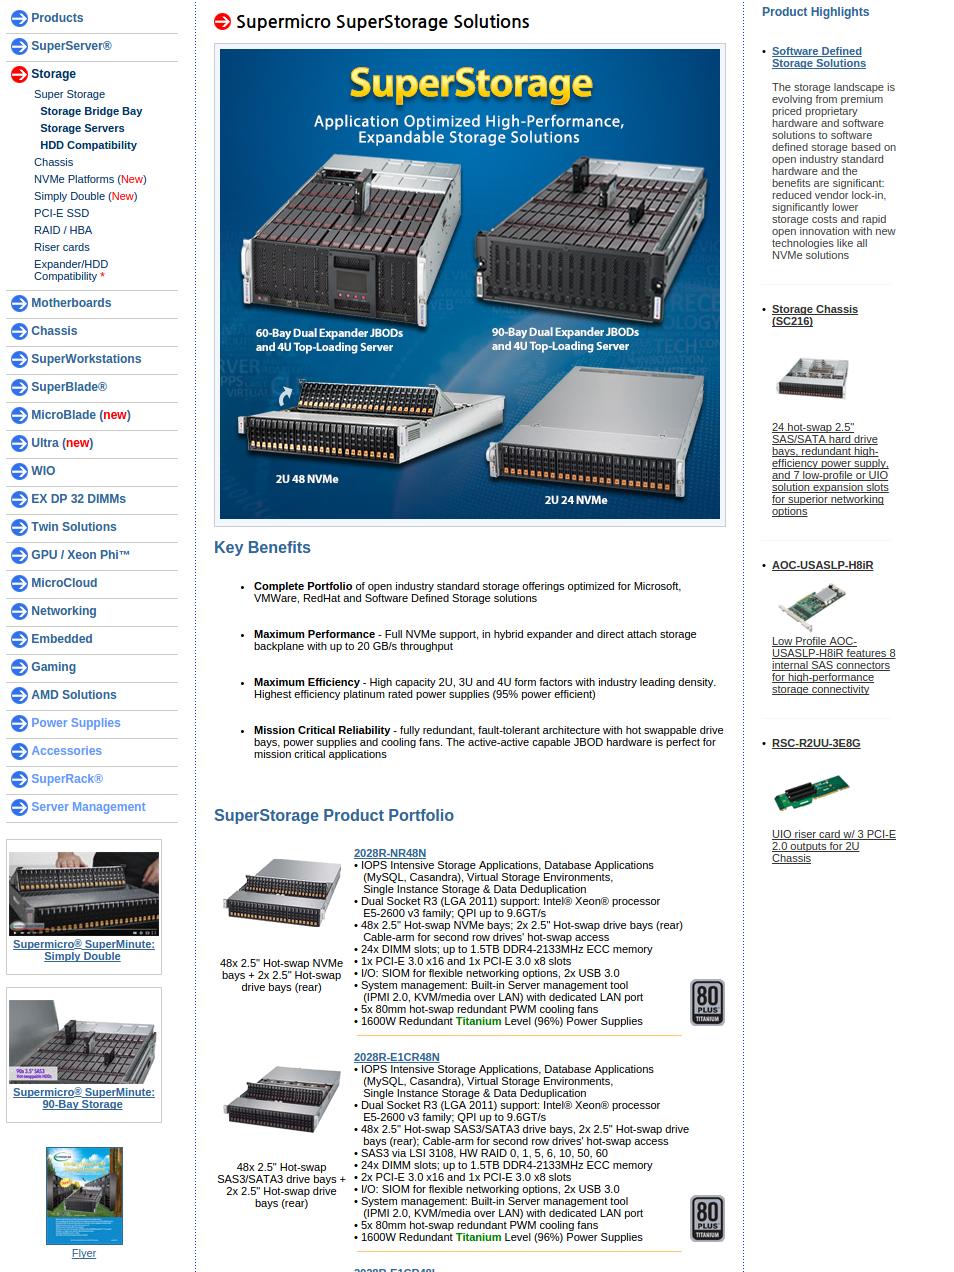 화면-Super Micro Computer, Inc. | Products | Supermicro Storage Chassis Solutions - Chrome